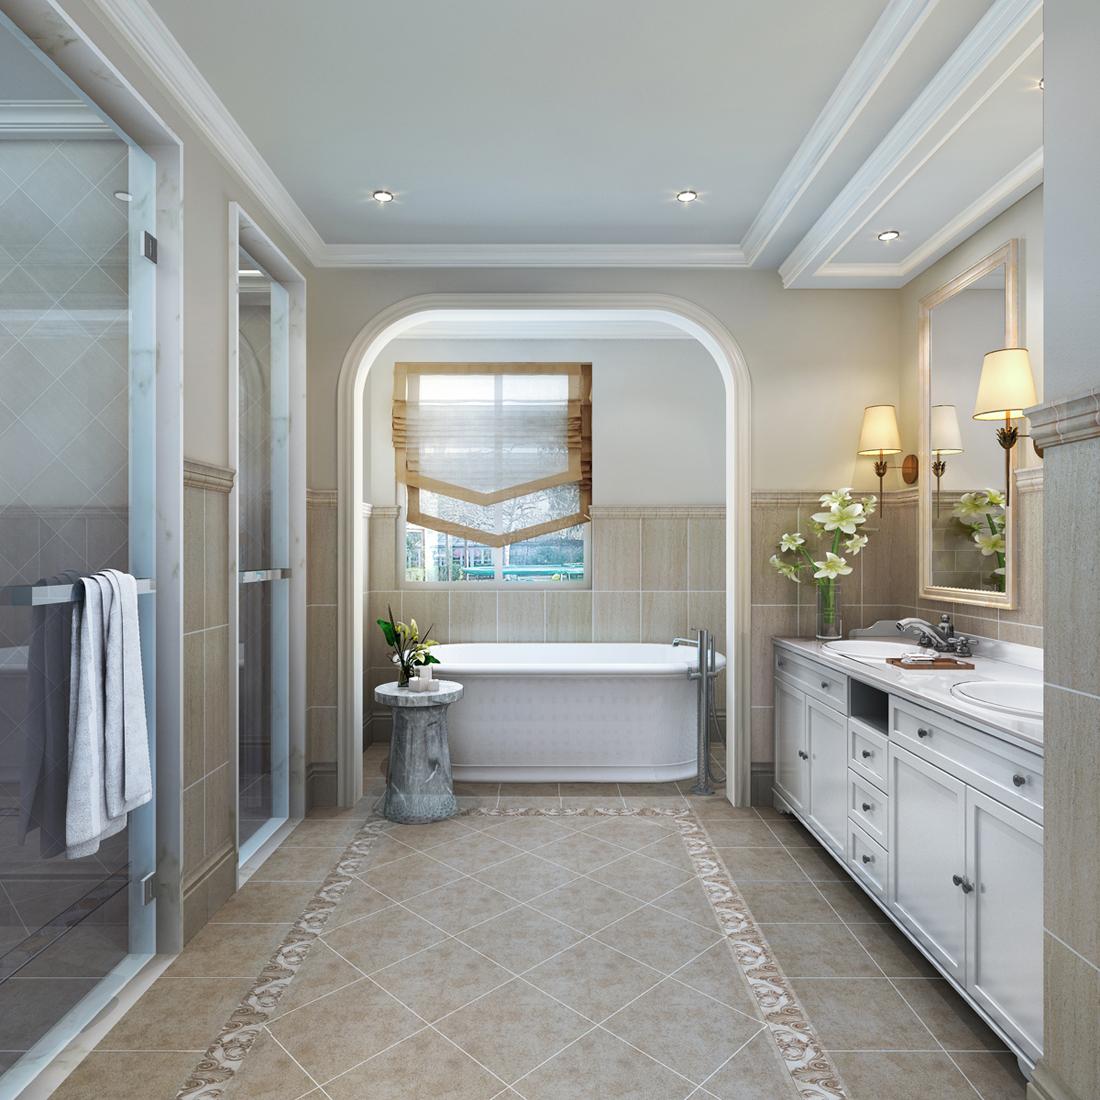 简约 美式 别墅 卫生间图片来自轻舟装饰-90后的华仔在亚运新新家园-480平米-简美风格的分享